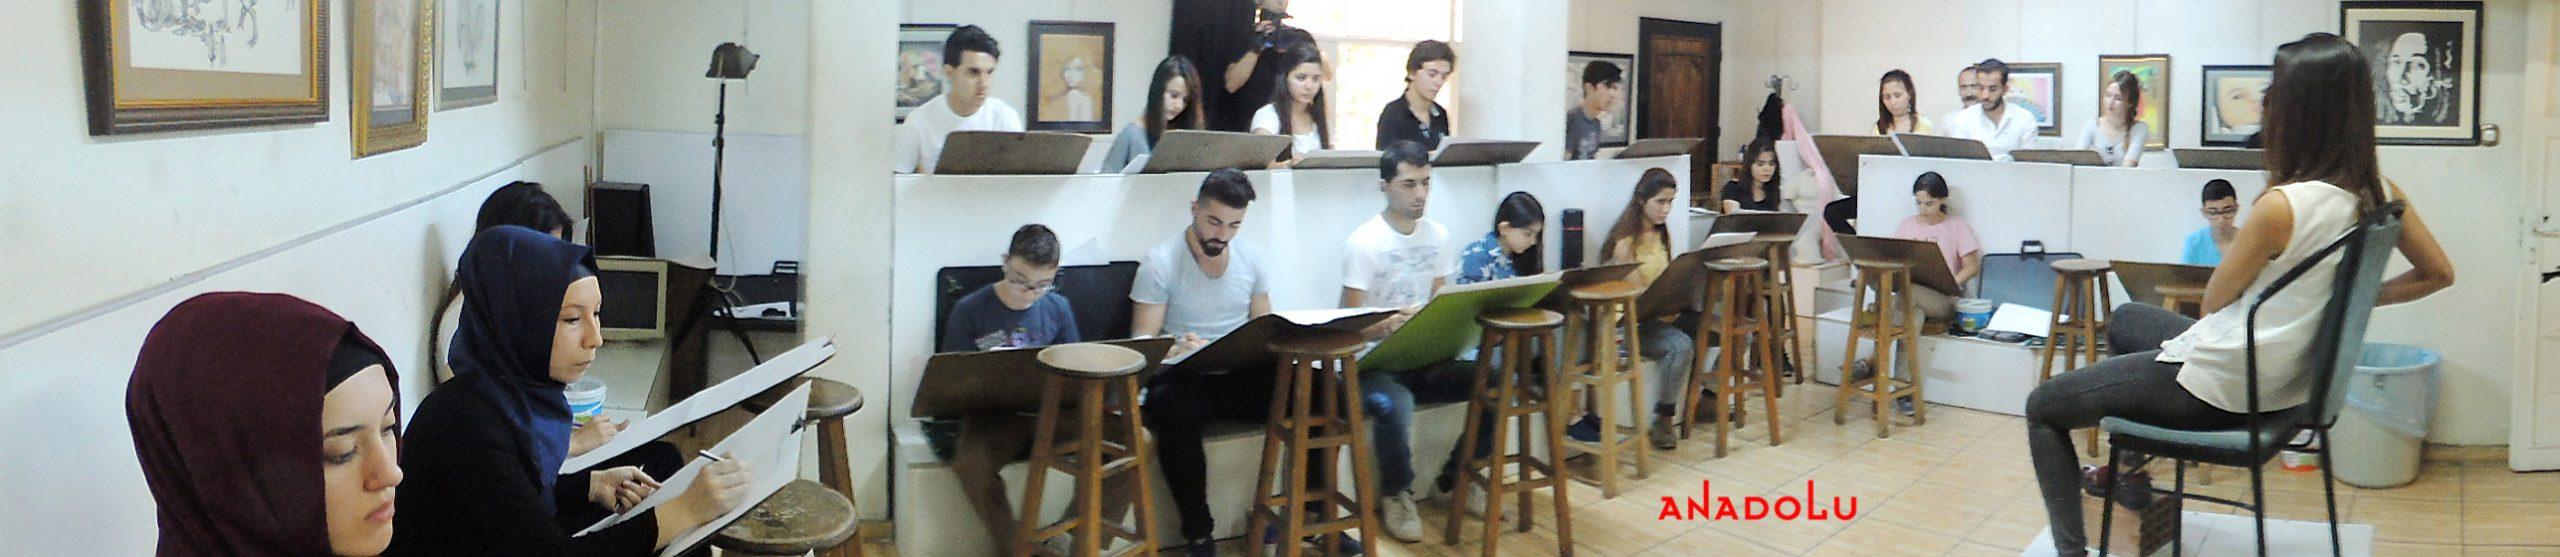 Güzel Sanatlara Fakülteleri Hazırlık Sınıfları Çukurova